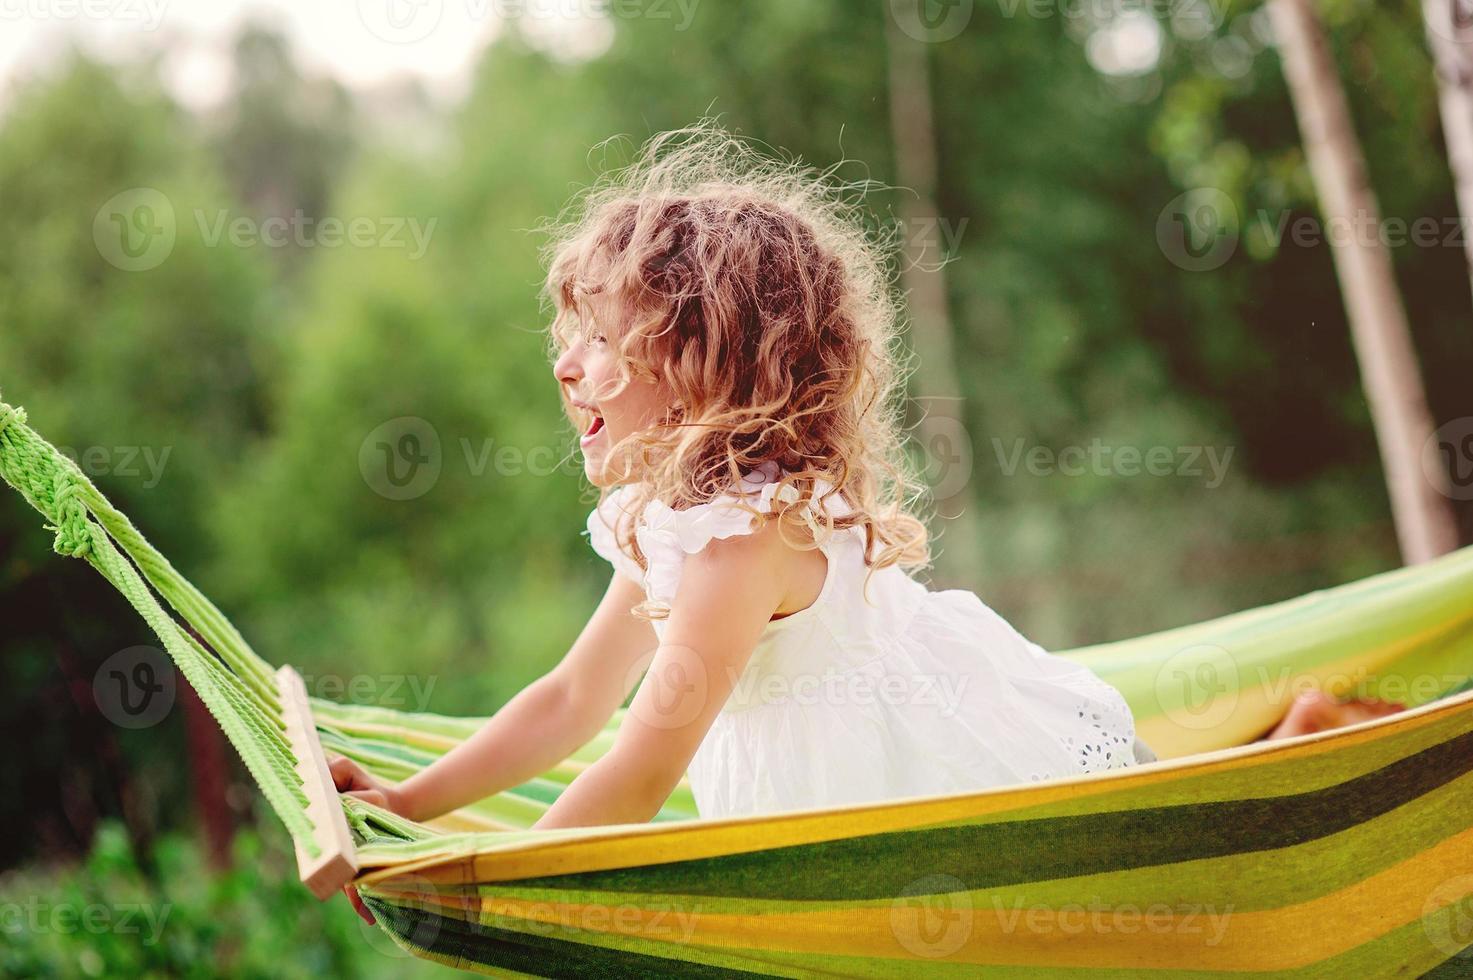 menina criança feliz relaxante na rede no jardim de verão foto